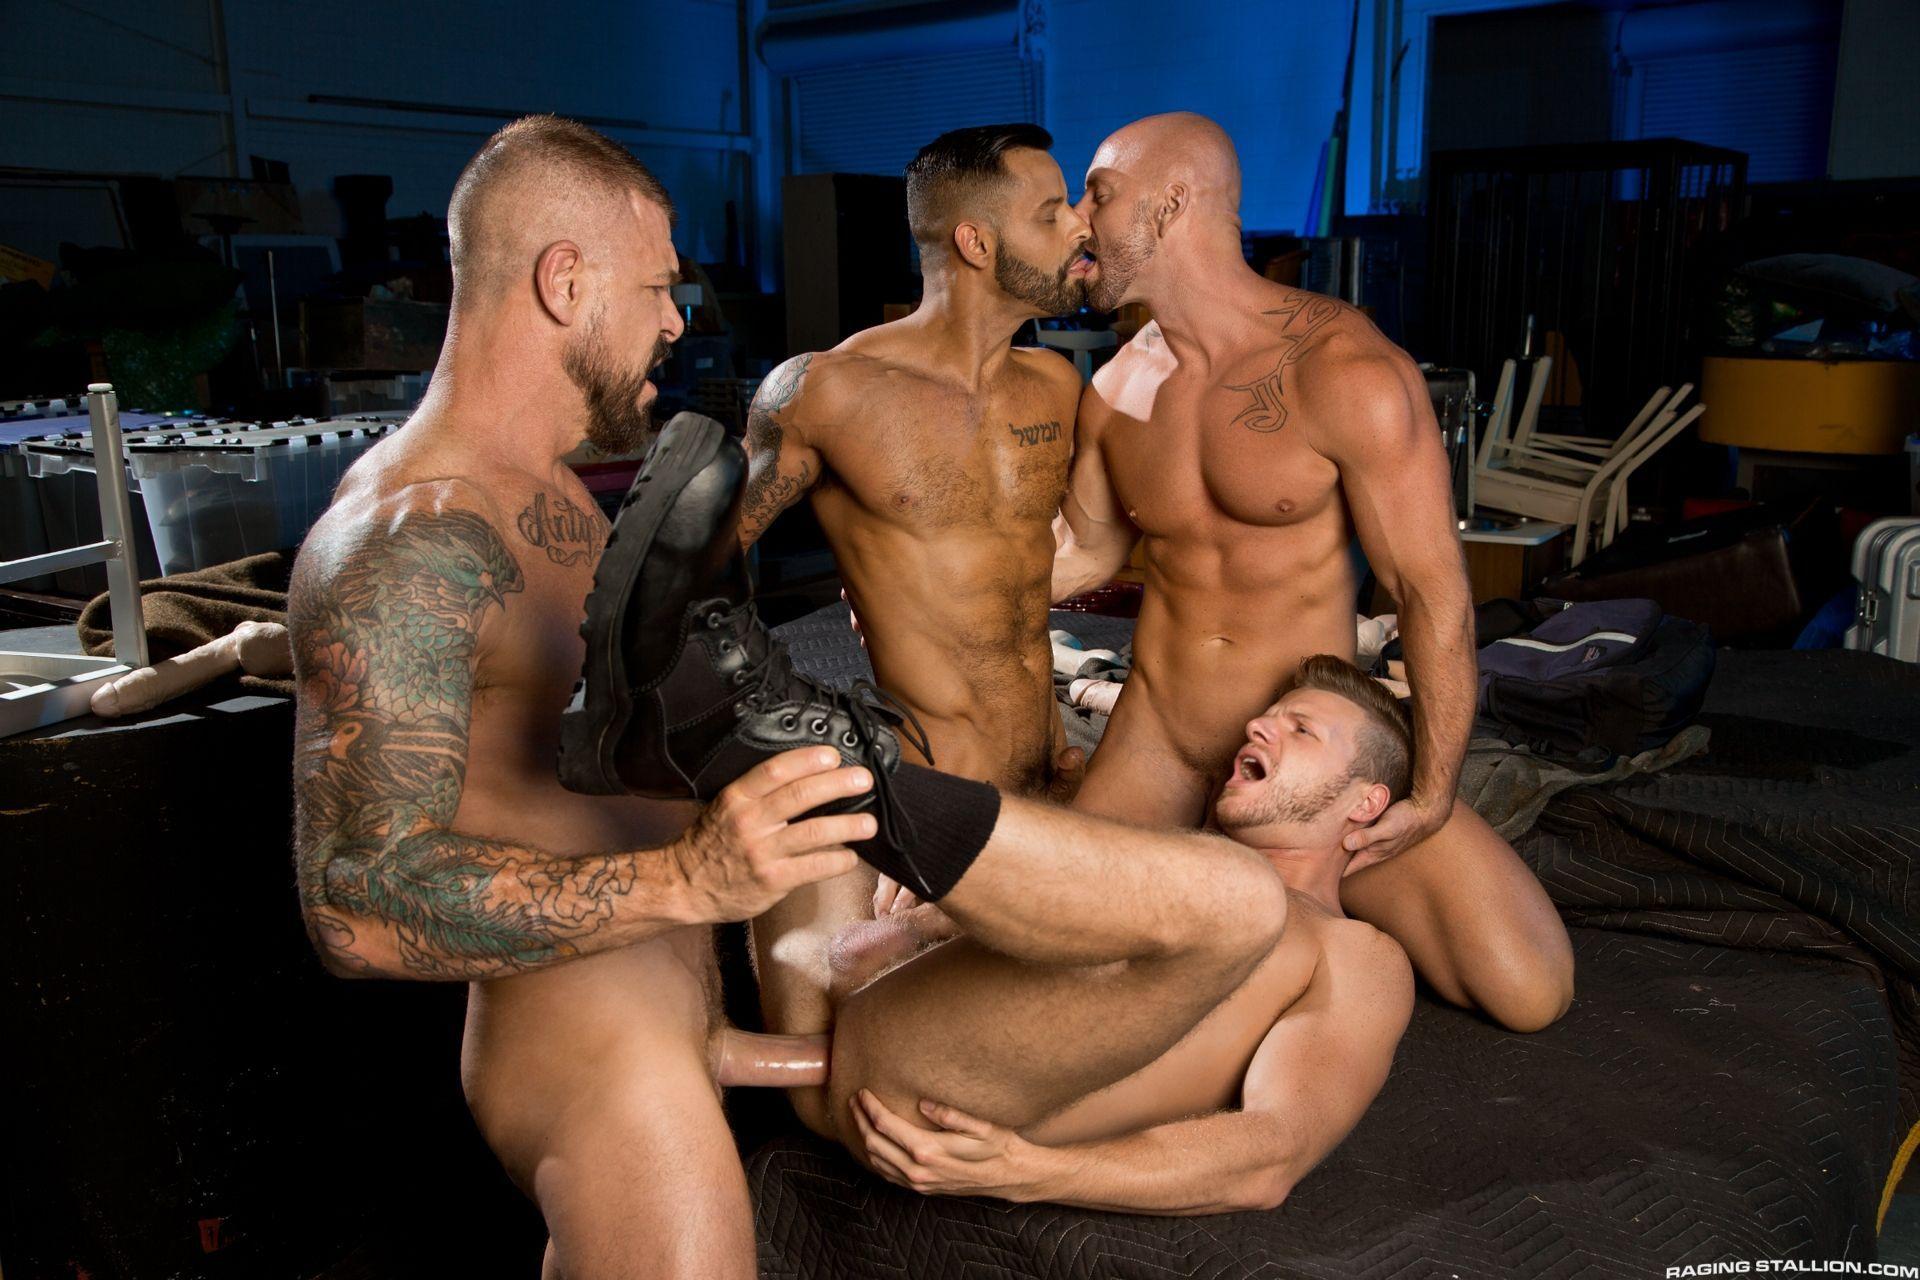 Suruba entre machos gays safados